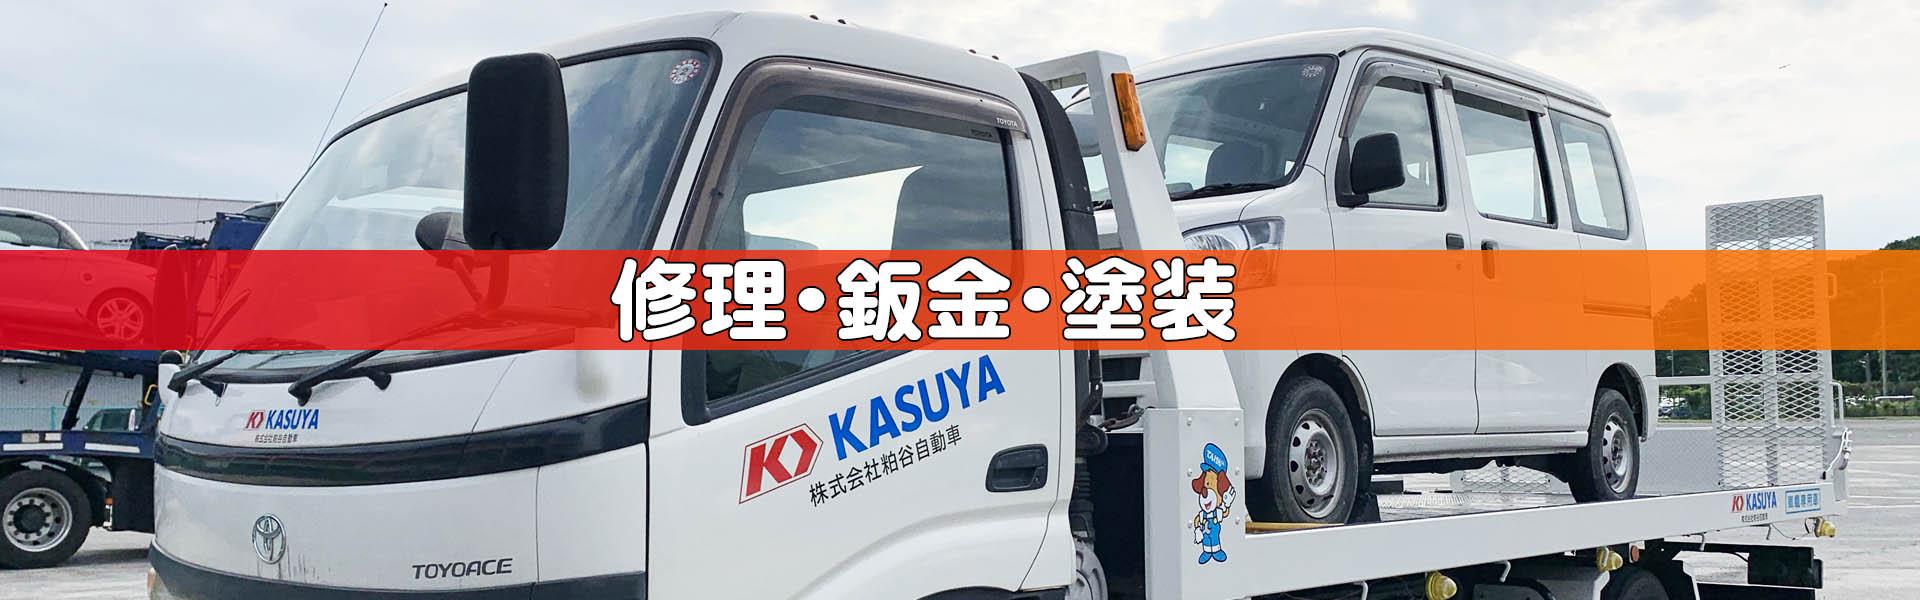 自動車修理、板金、塗装、整備なら埼玉県狭山市の粕谷自動車へ